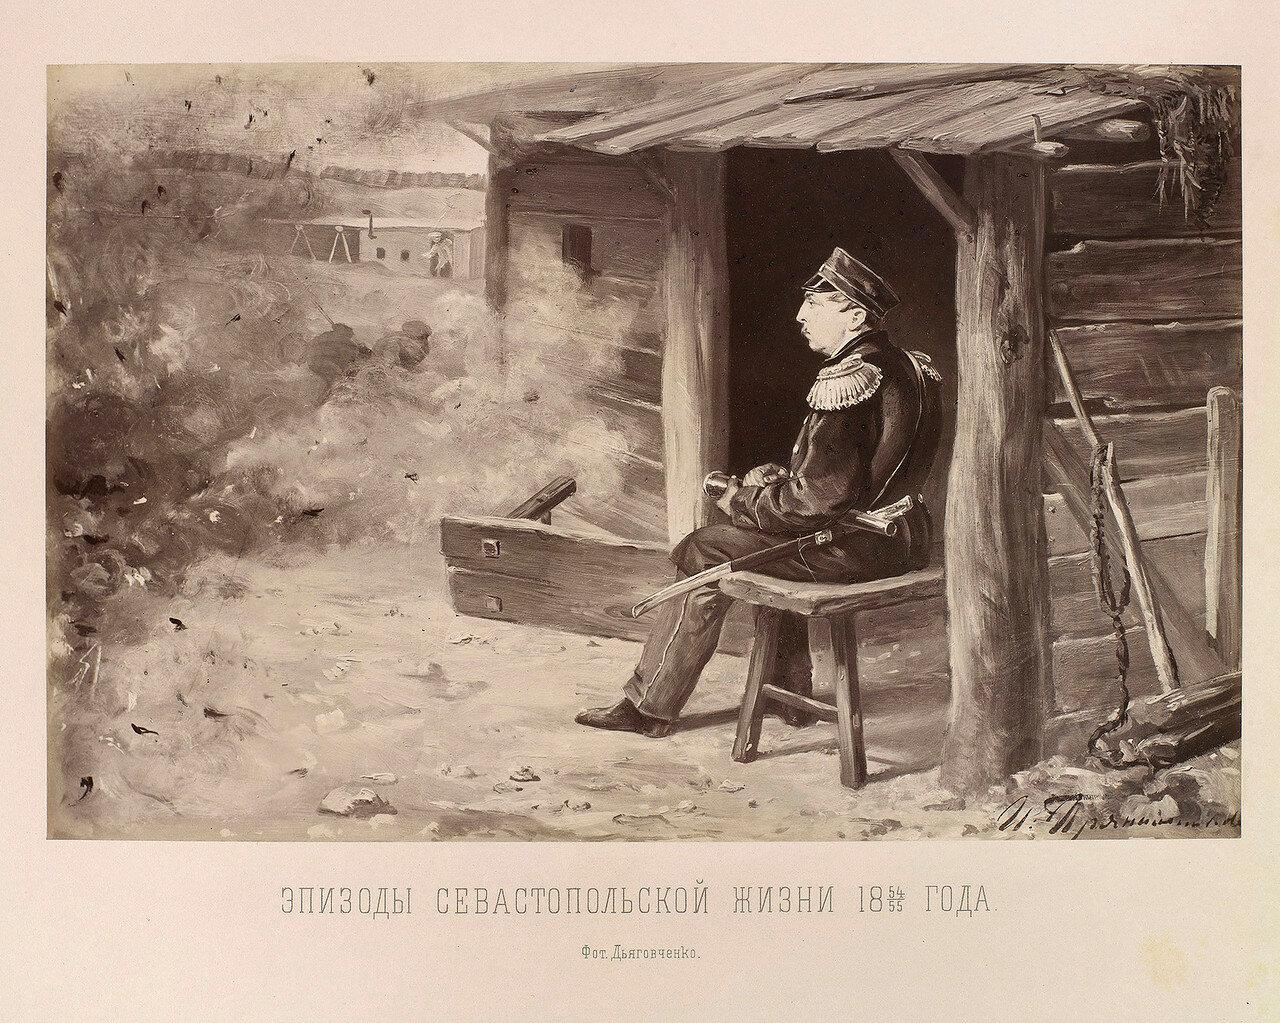 04. Нахимов у блиндажа на третьем бастионе в момент взрыва бомбы